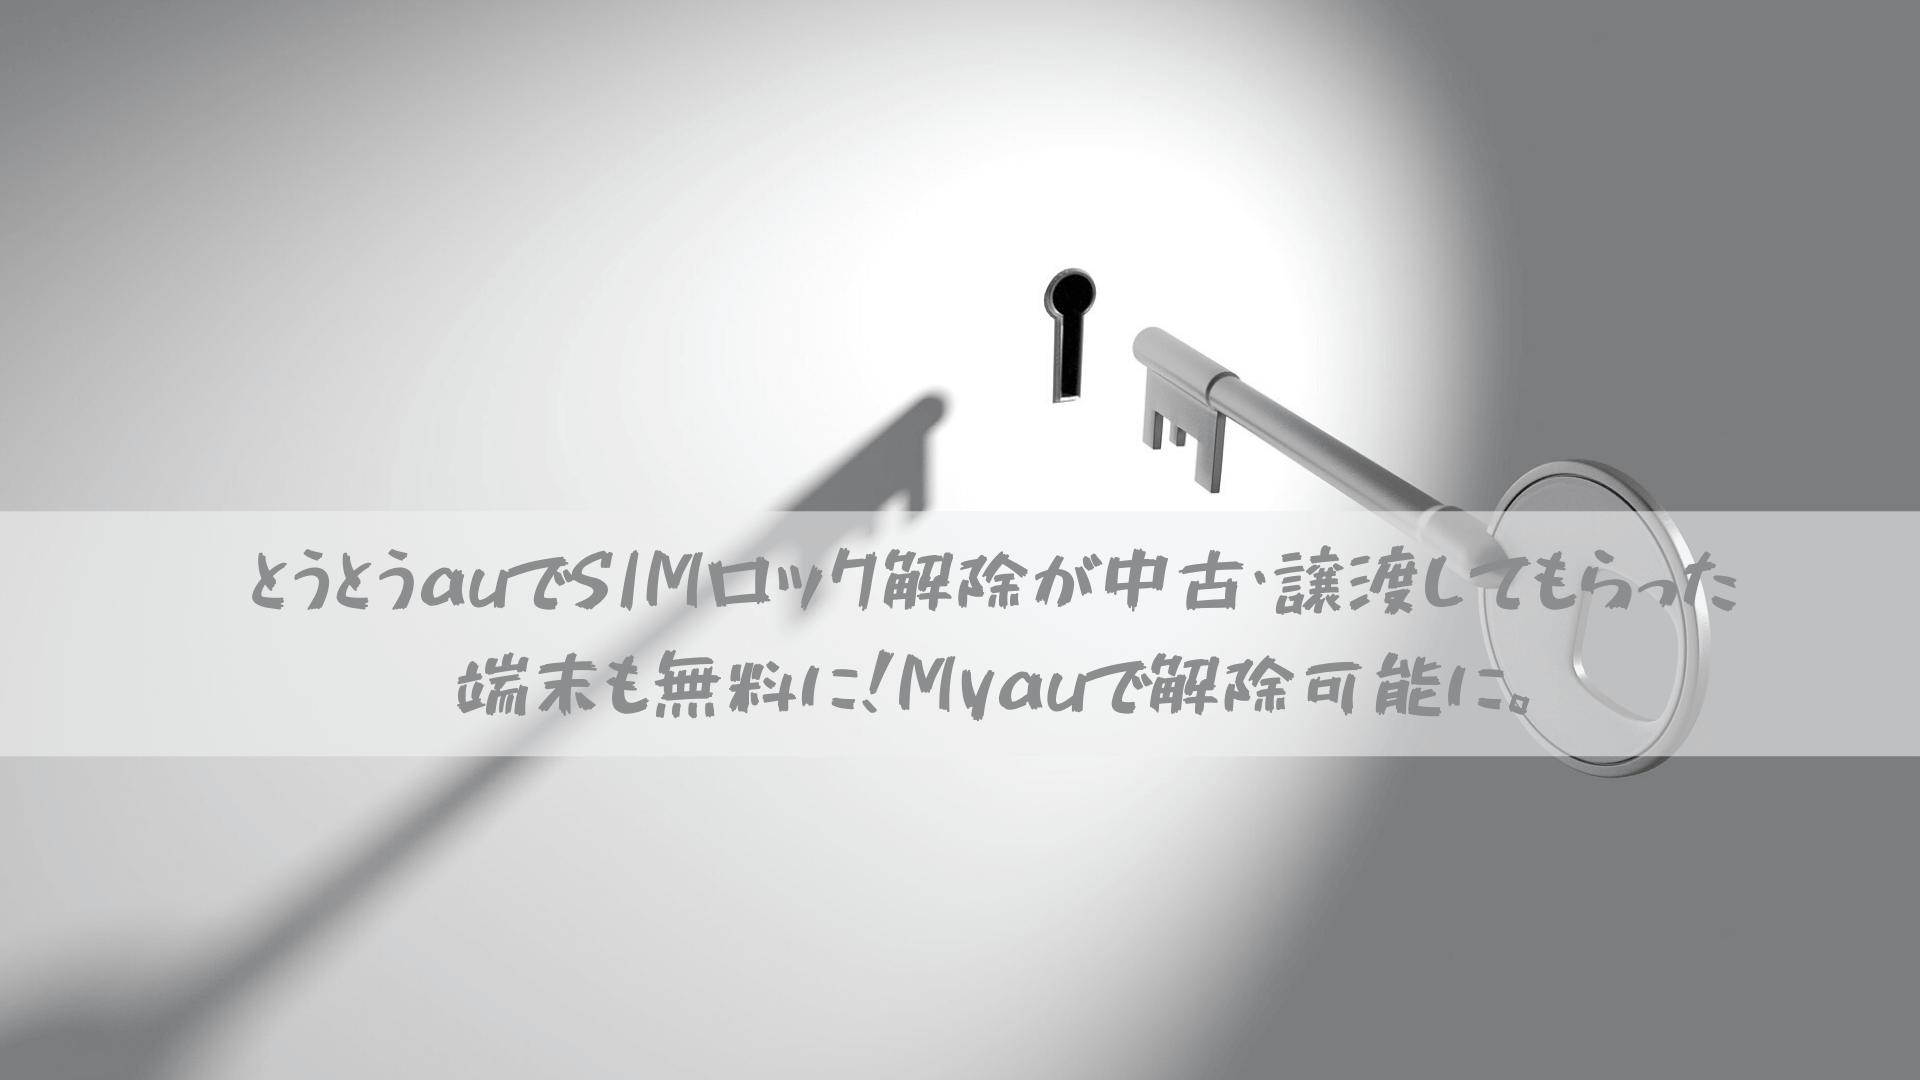 とうとうauでSIMロック解除が中古・譲渡してもらった端末も無料に!Myauで解除可能に。